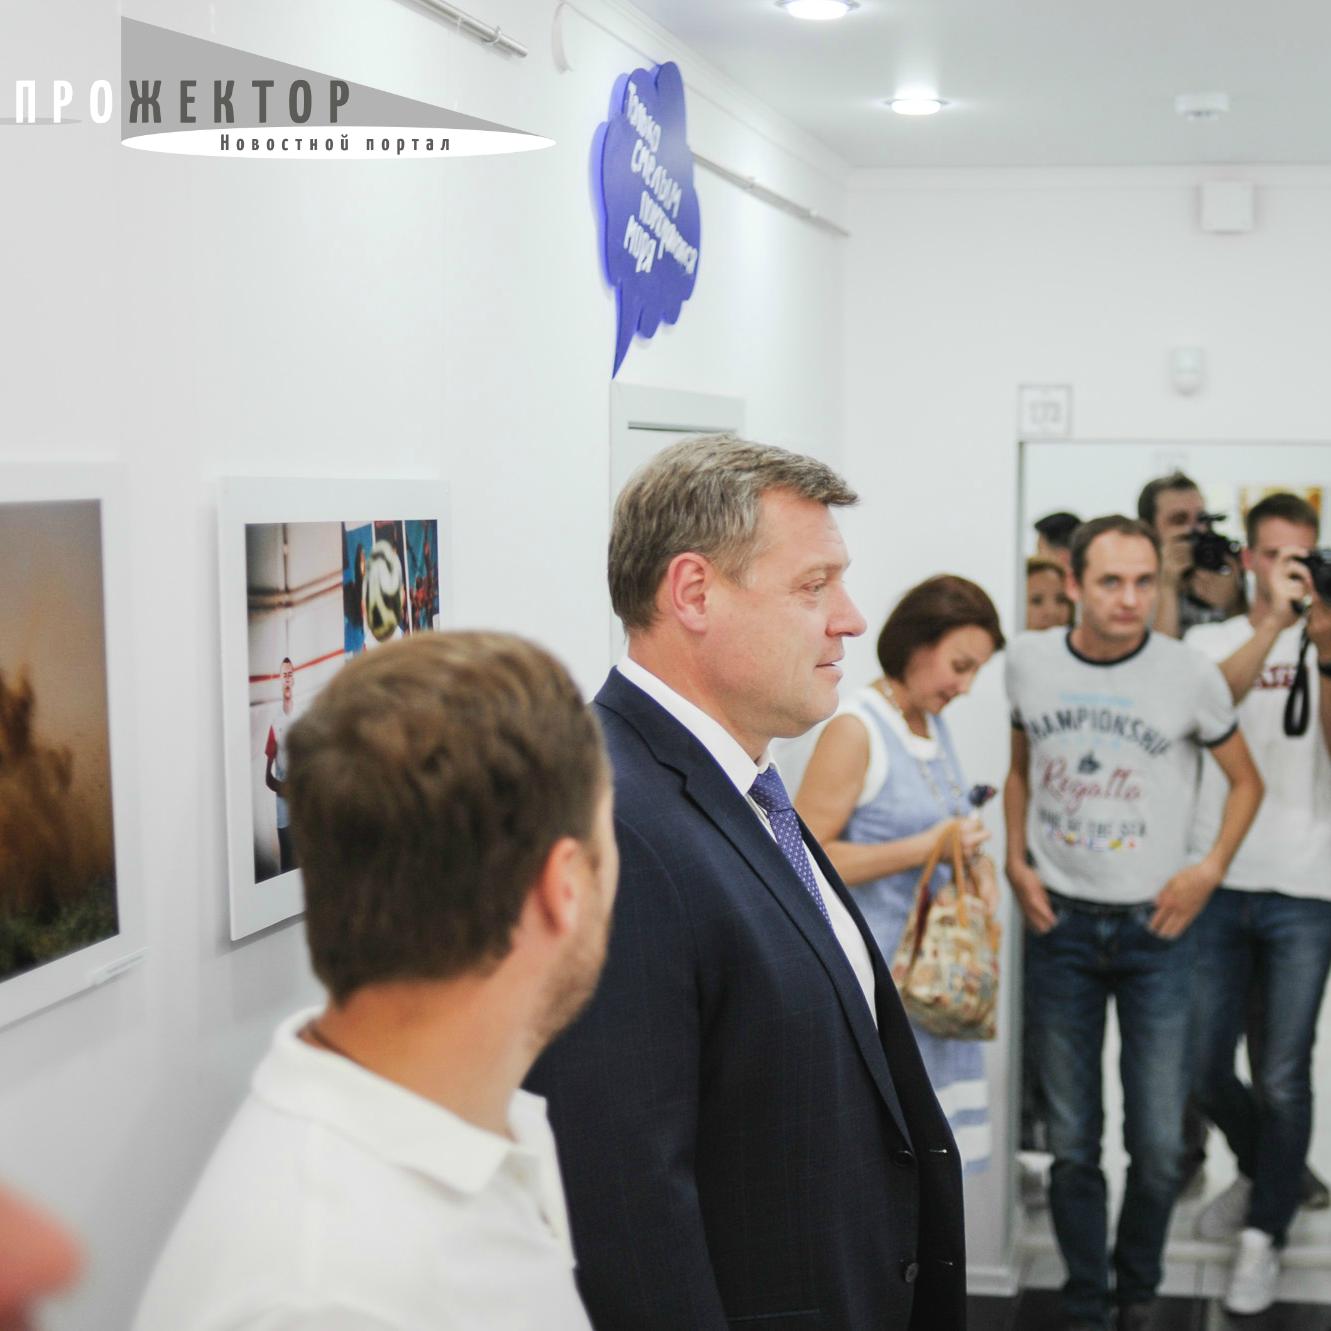 Уютная встреча с Игорем Бабушкиным: про запах гари, оппозицию и душевное равновесие